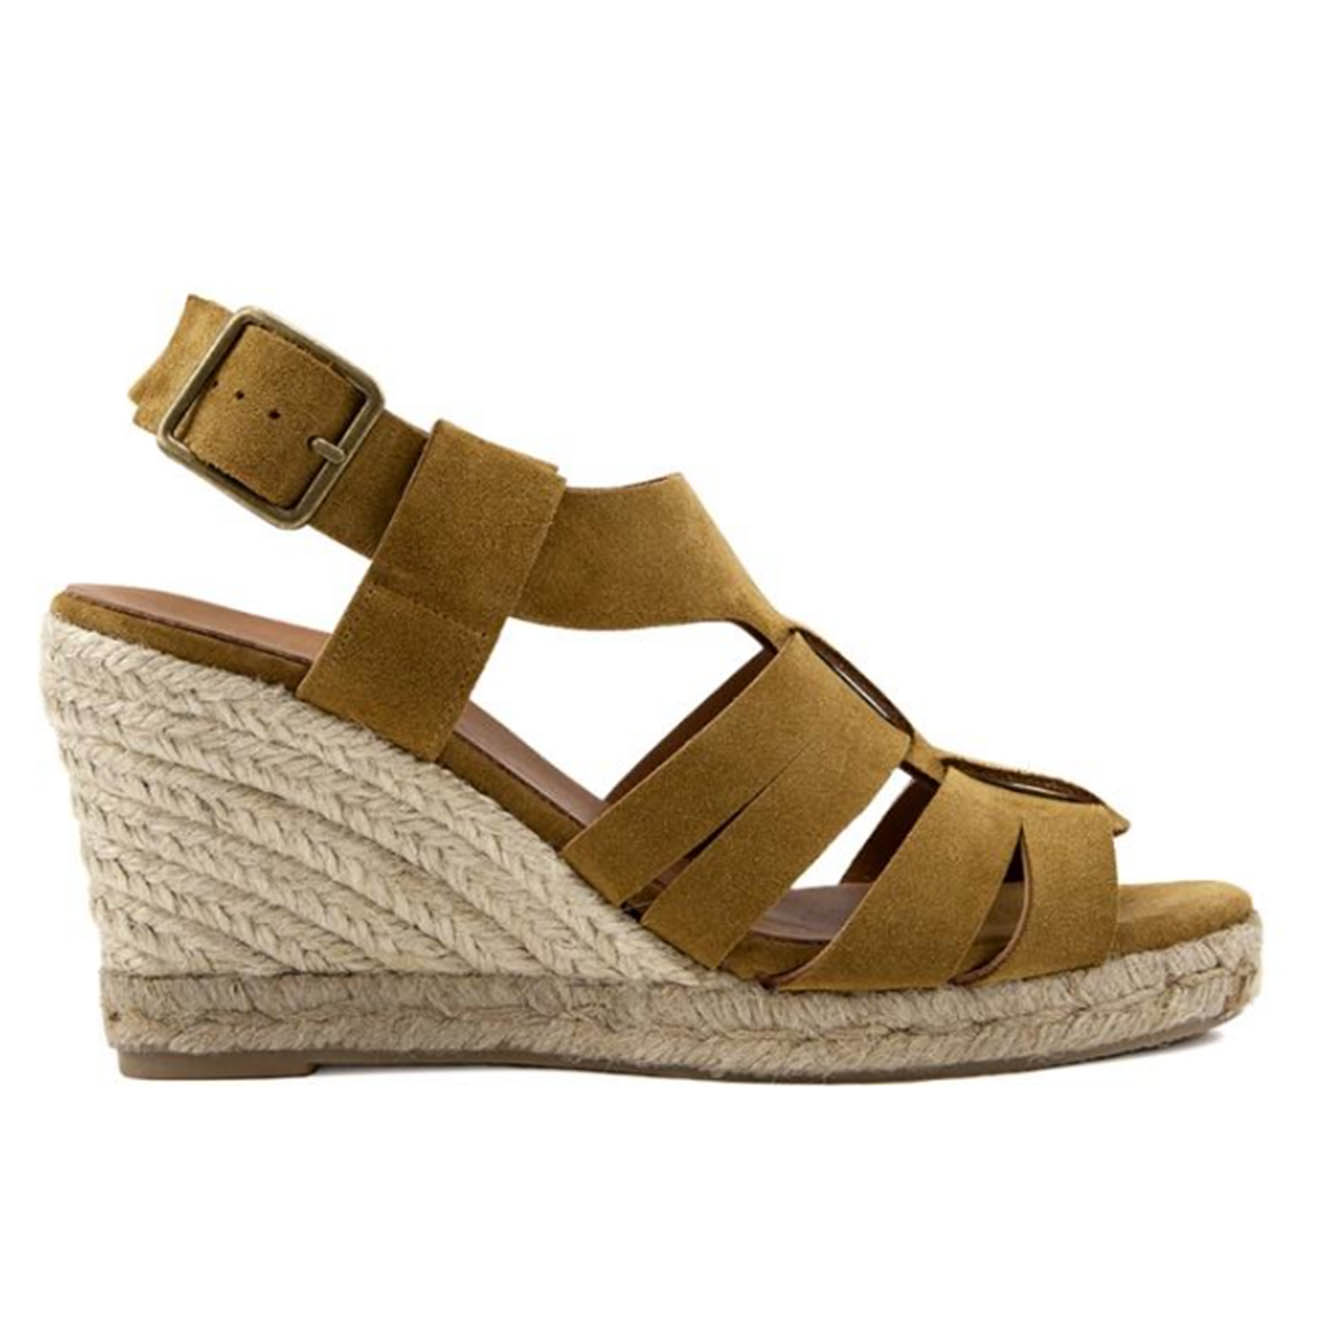 Sandales compensées en Velours de Cuir Sybille tabac - Talon 9 cm - Anaki - Modalova